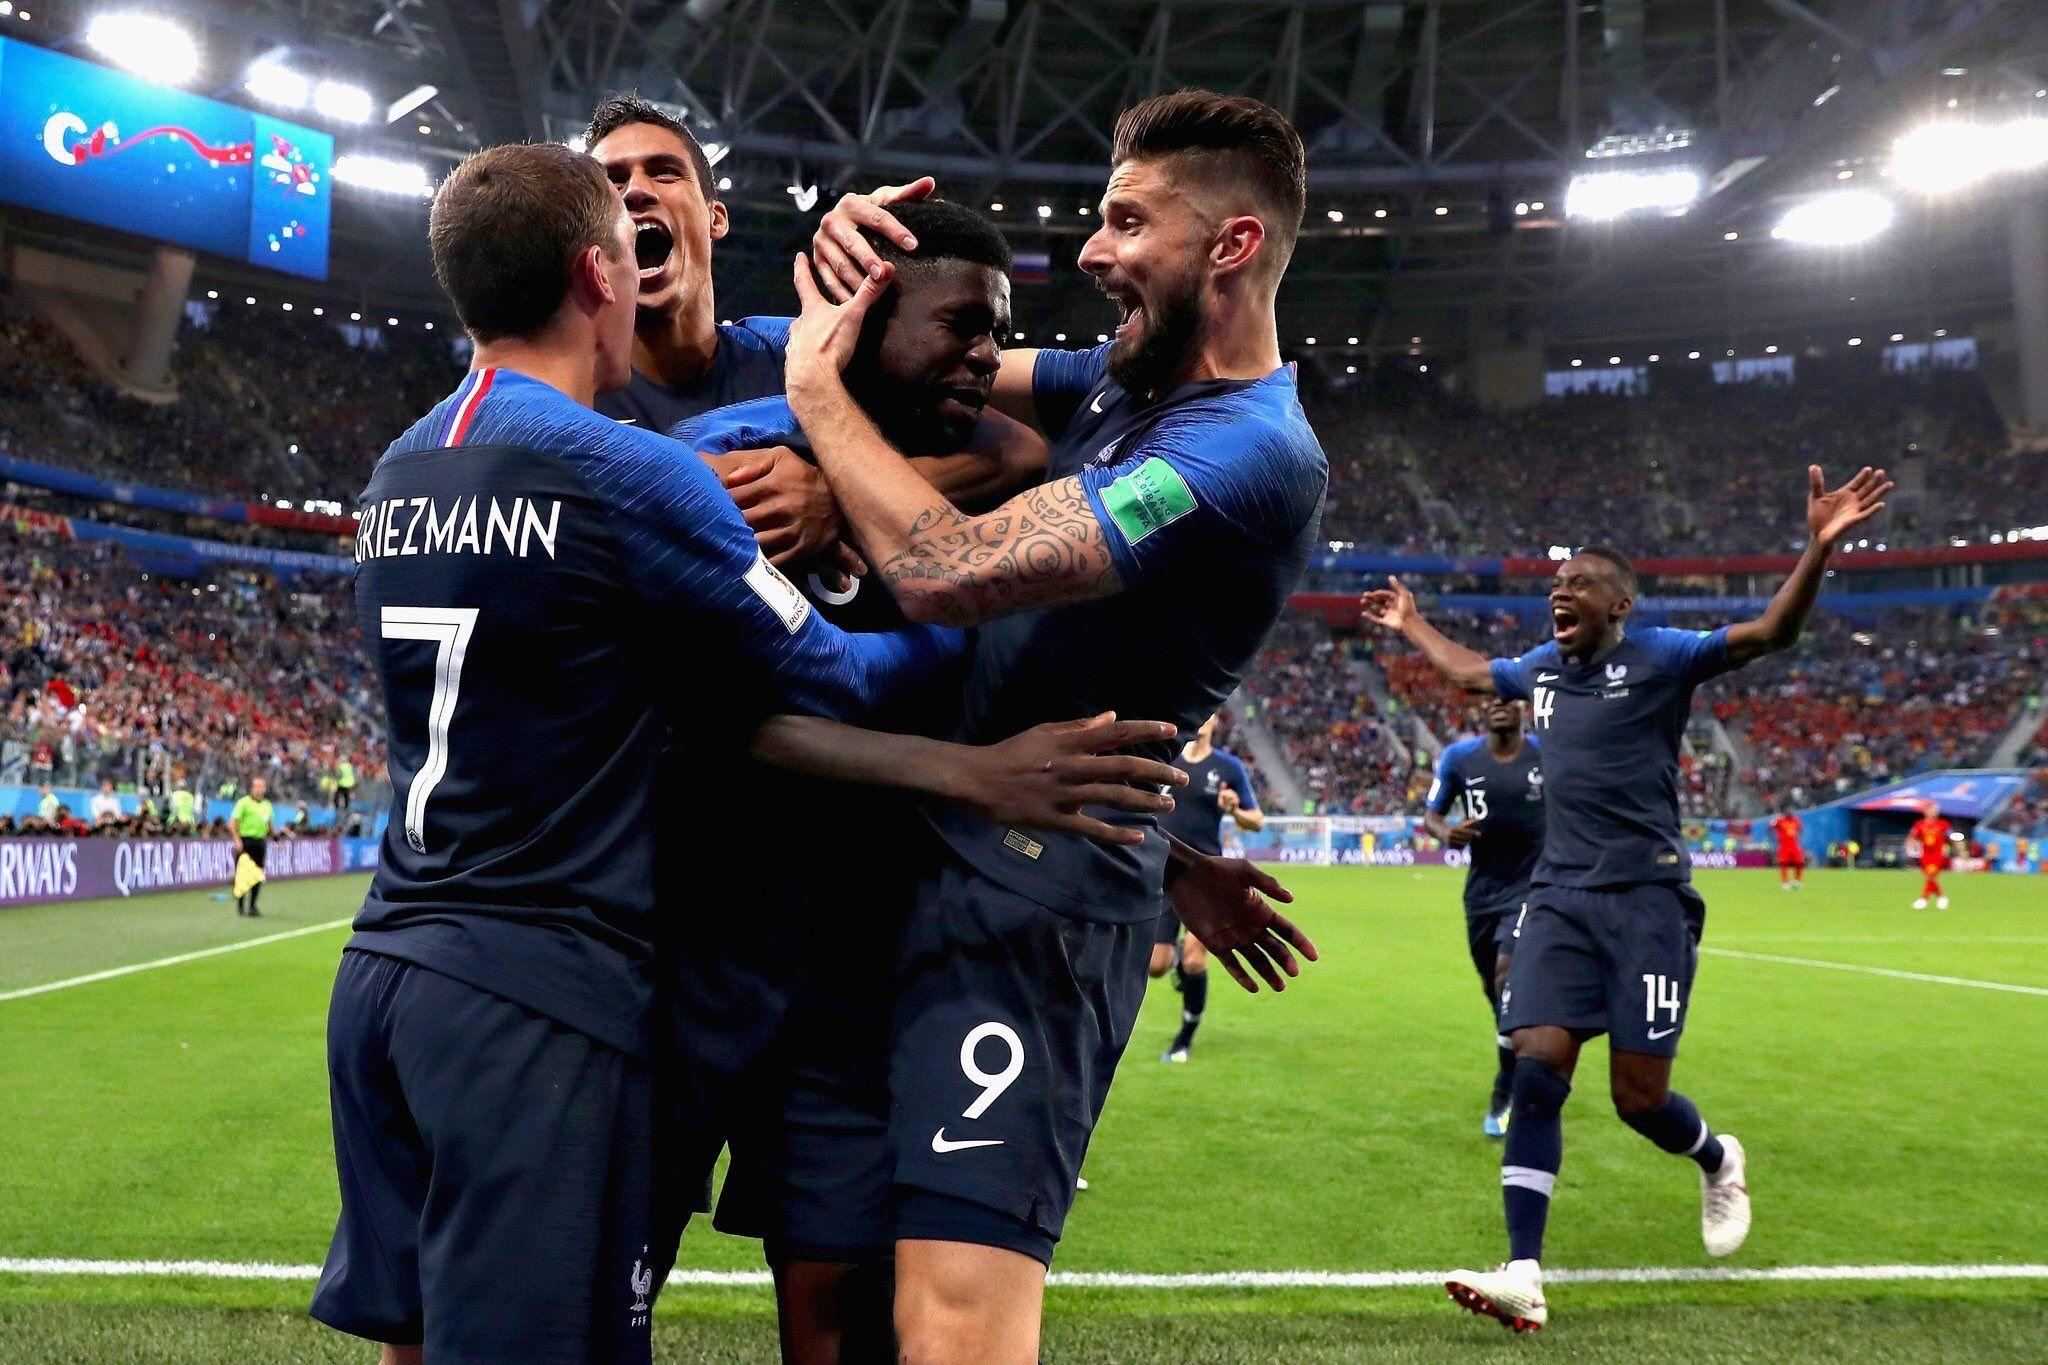 Прогноз на матч Бельгия - Исландия: количество голов будет больше 2,5